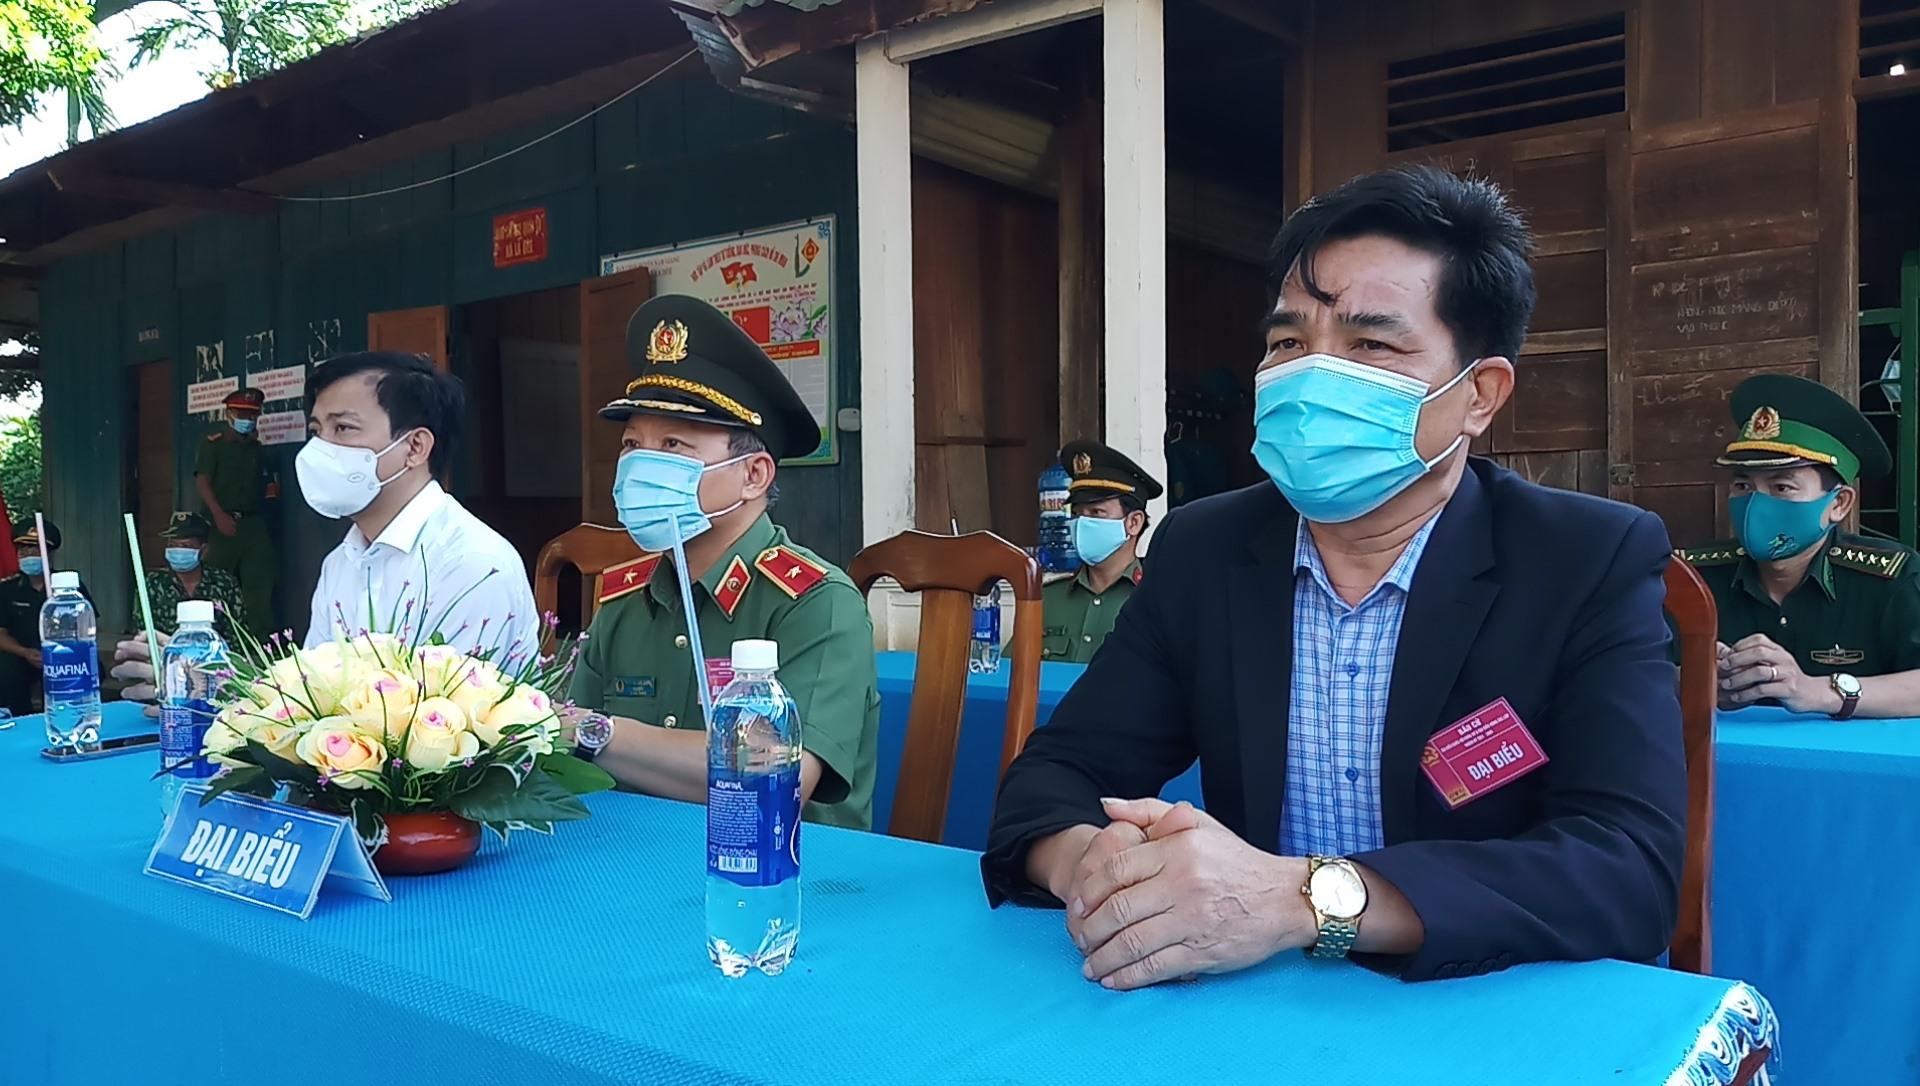 Phó Bí thư Thường trực Tỉnh ủy Lê Văn Dũng dự lễ khai mạc bầu cử tại điểm bầu cử thôn Đắc Ốc, xã La Dêê, huyện Nam Giang.